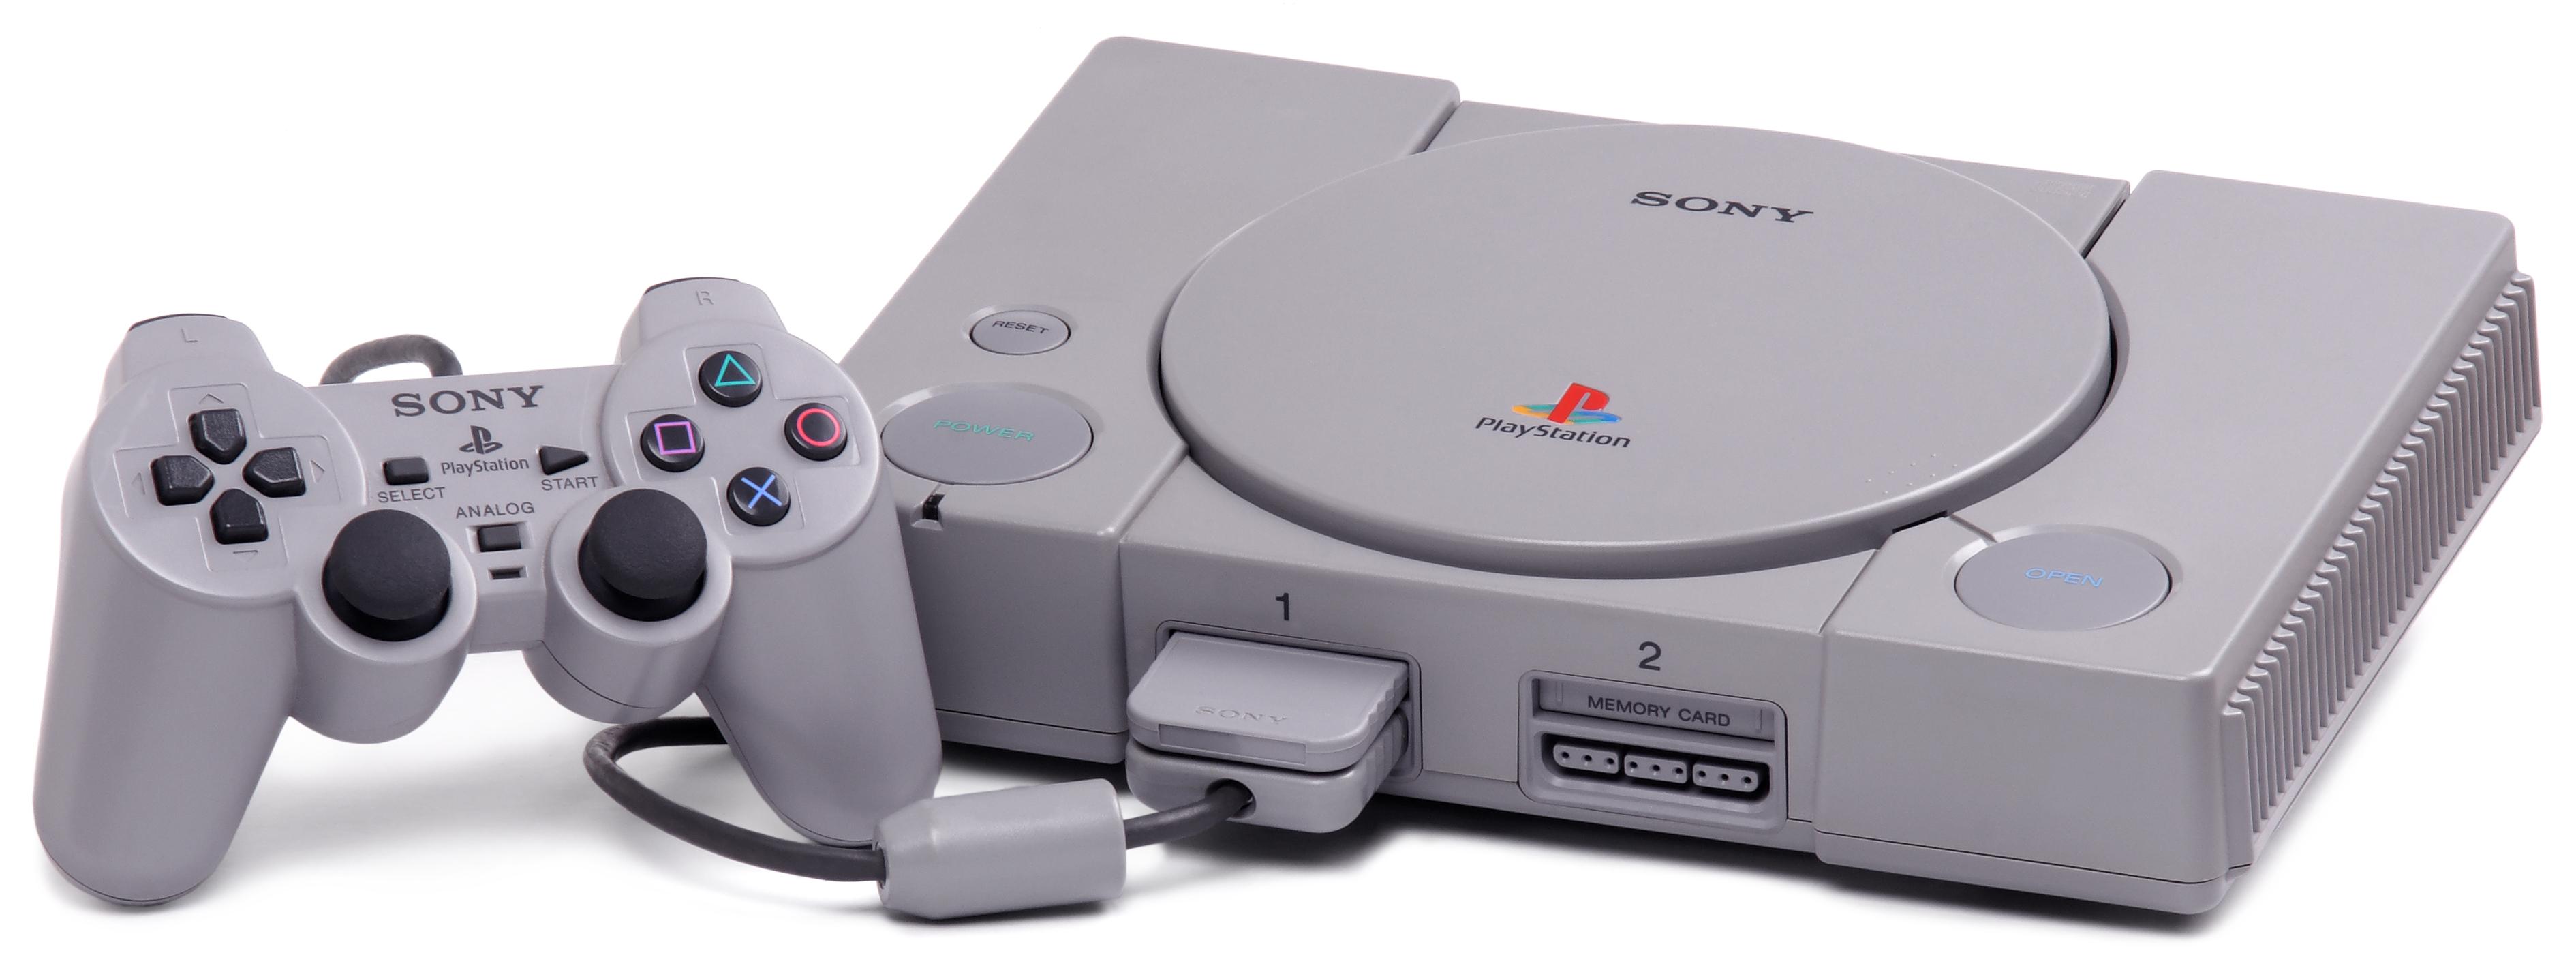 파일:attachment/플레이스테이션/PlayStation.jpg